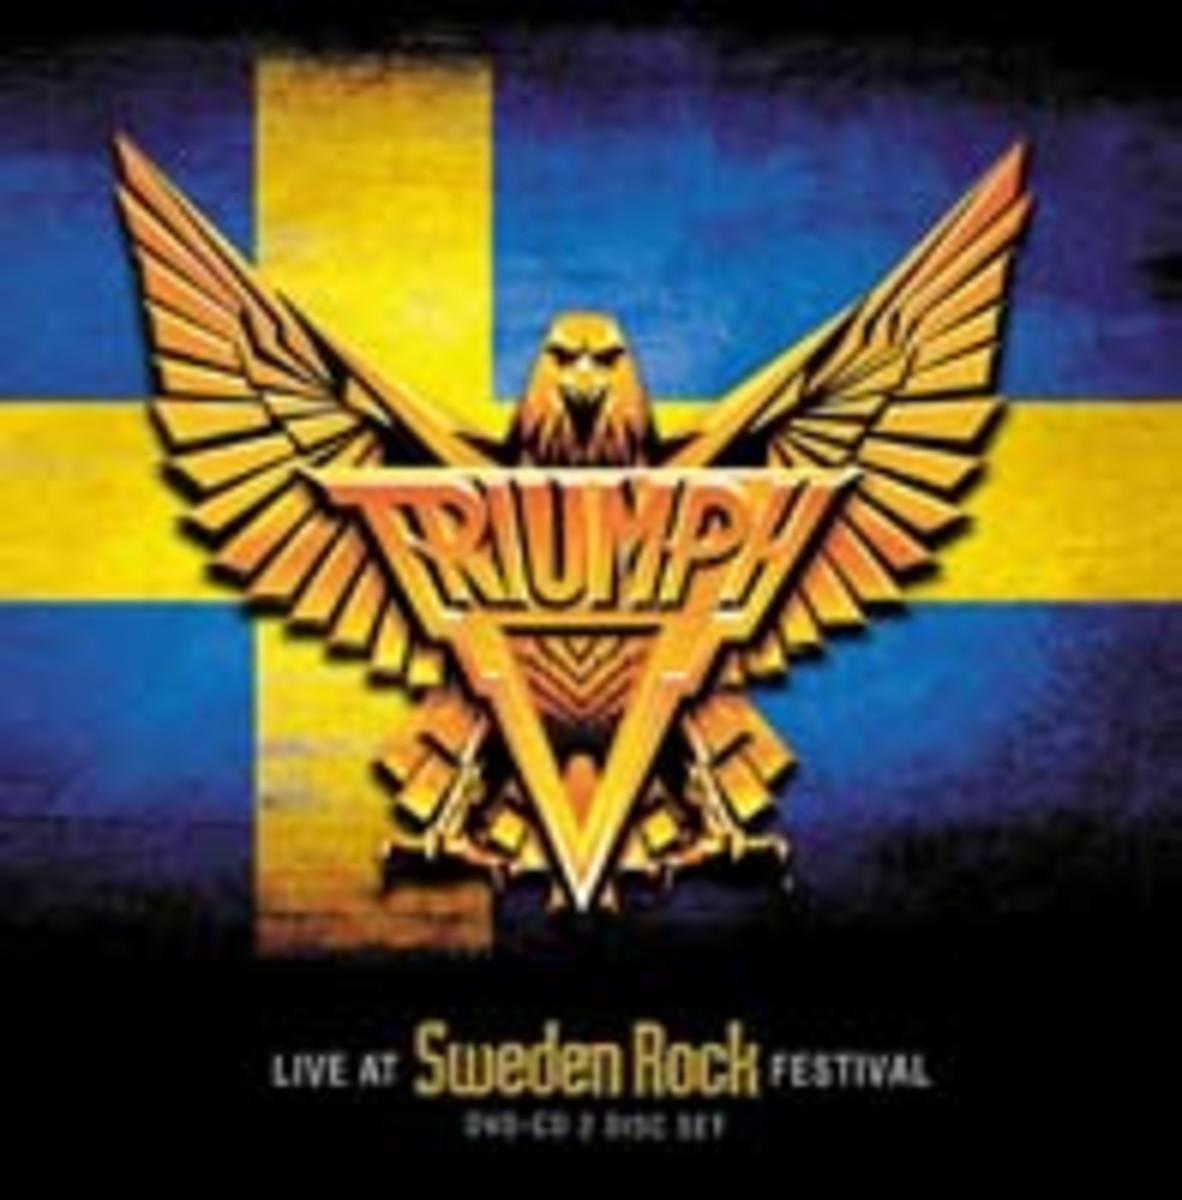 Triumph Live at Sweden Rock Festival